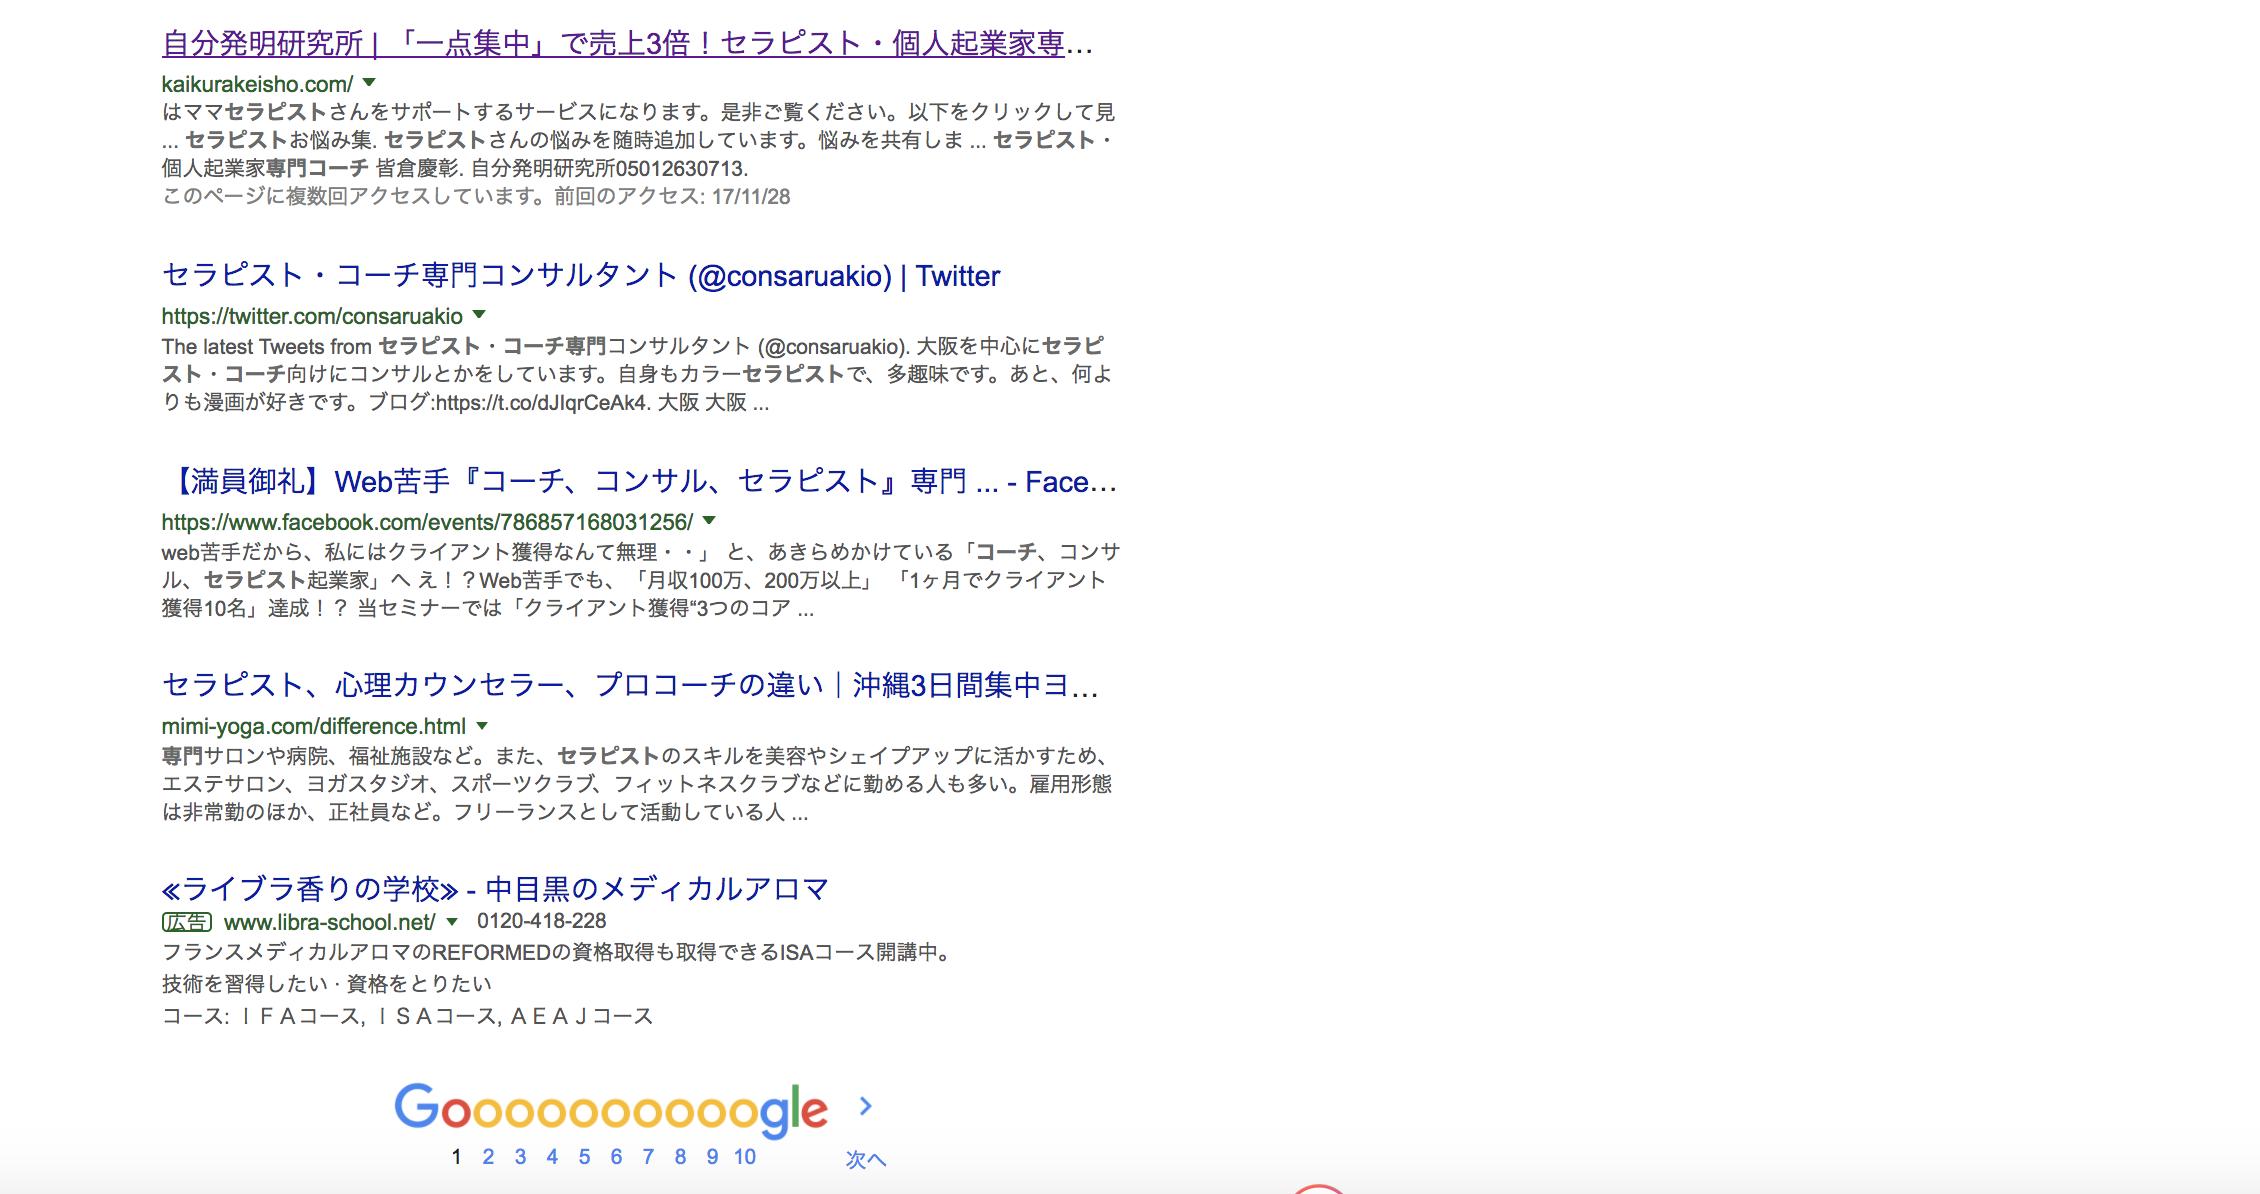 グーグルのTOPページに表示されるようになりました。